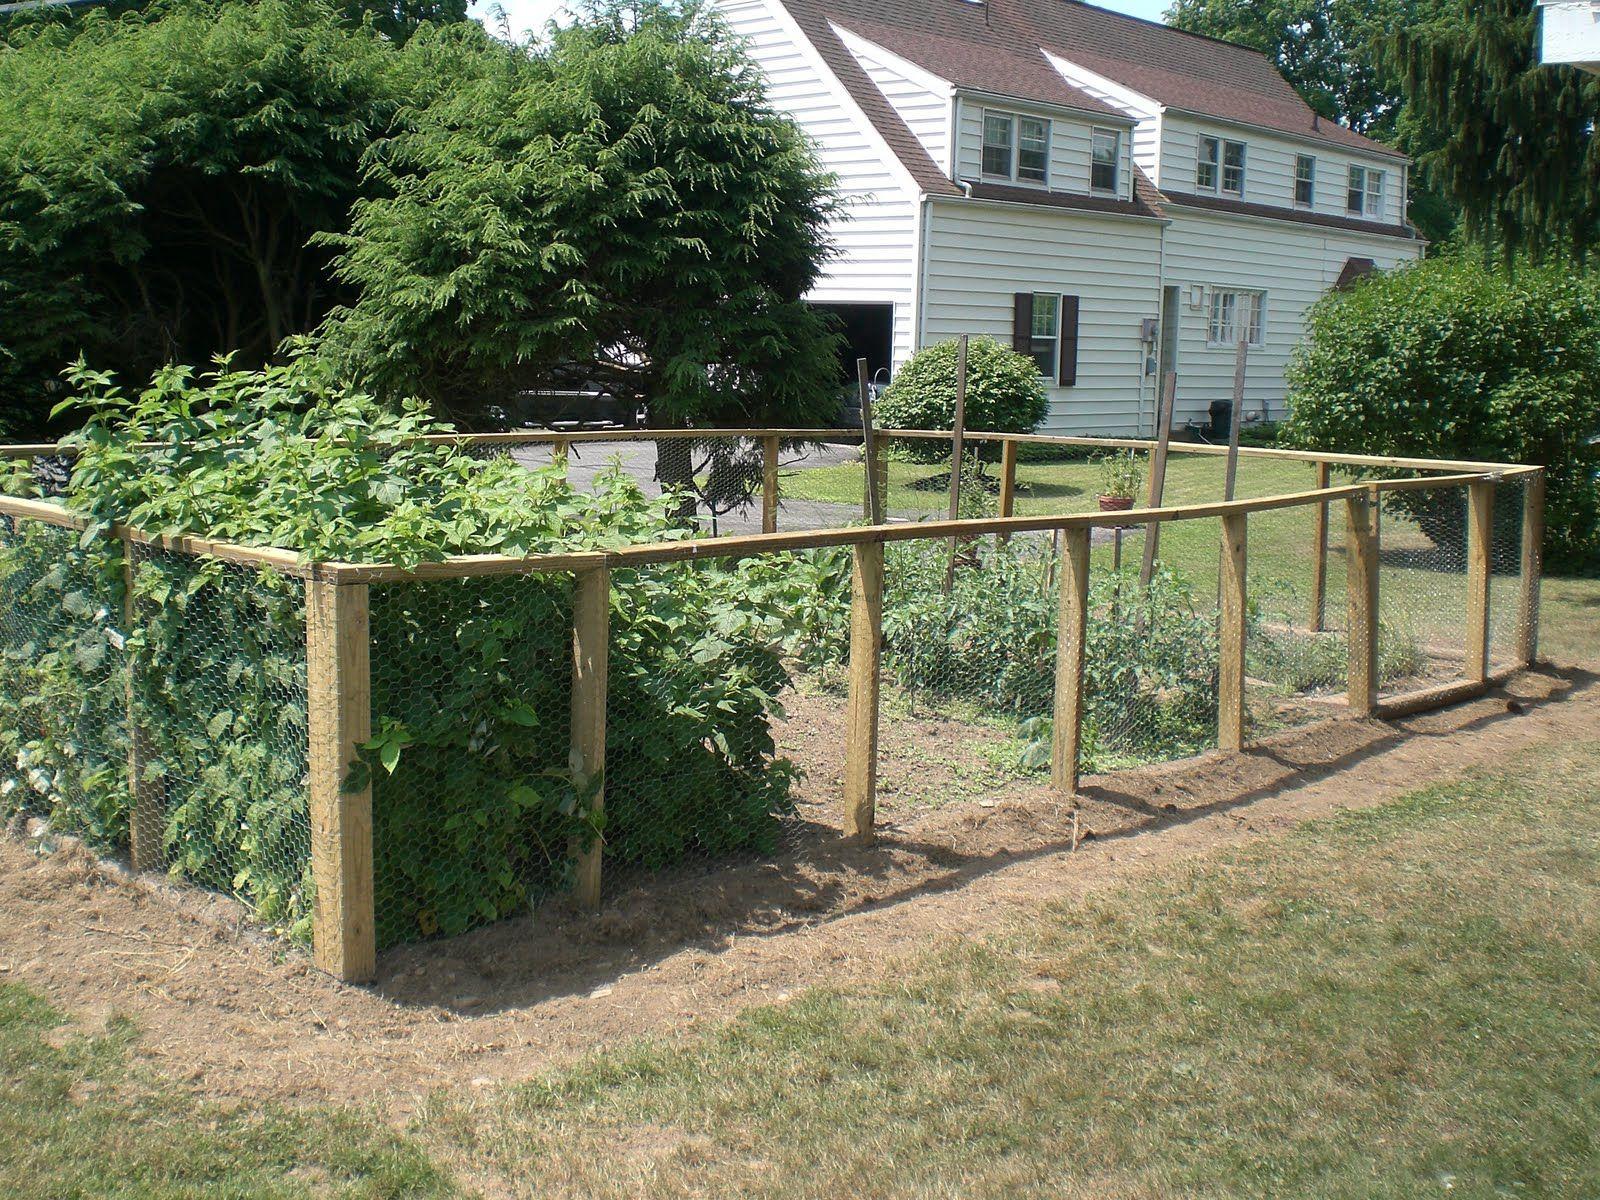 Veggie Garden Fence Around Chicken Coop To Keep Dogs